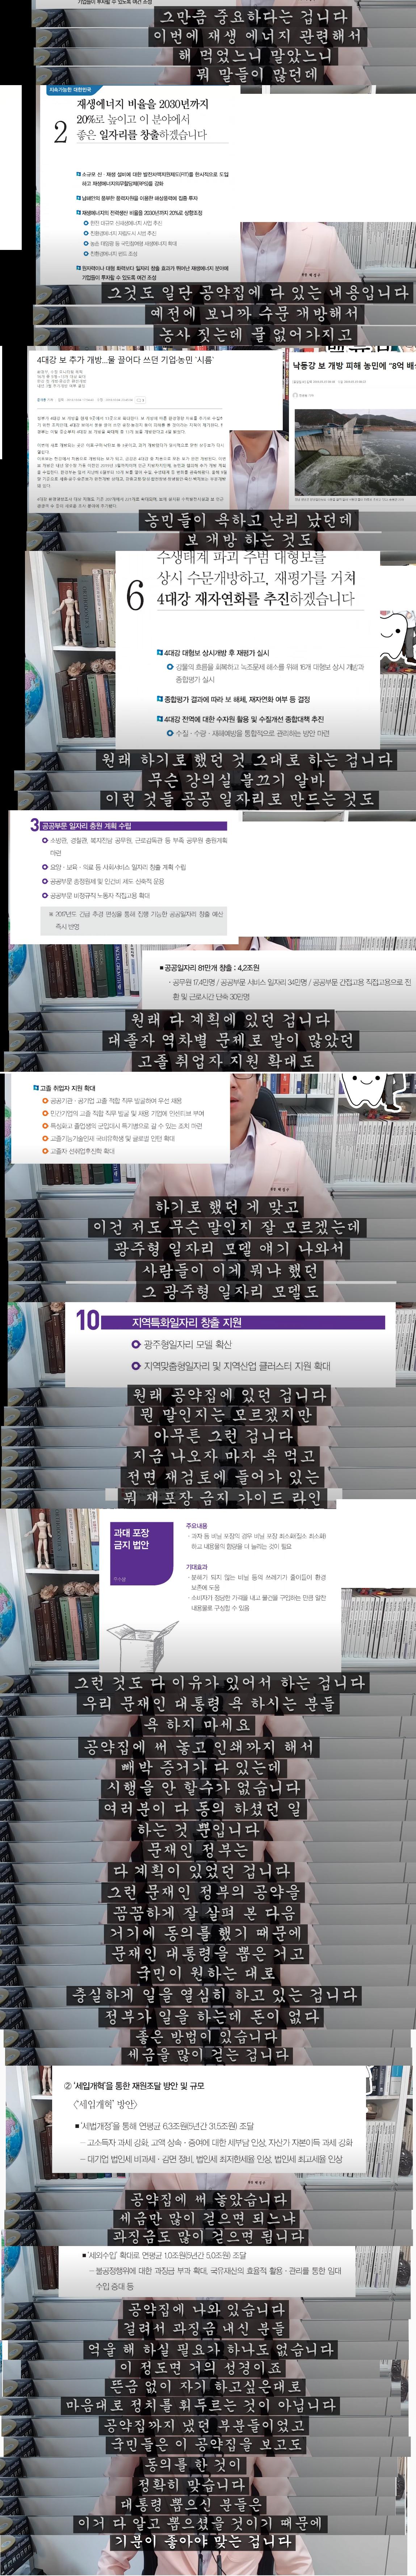 3.png 역대 대한민국 공약 이행률 100% 근접하는 정부